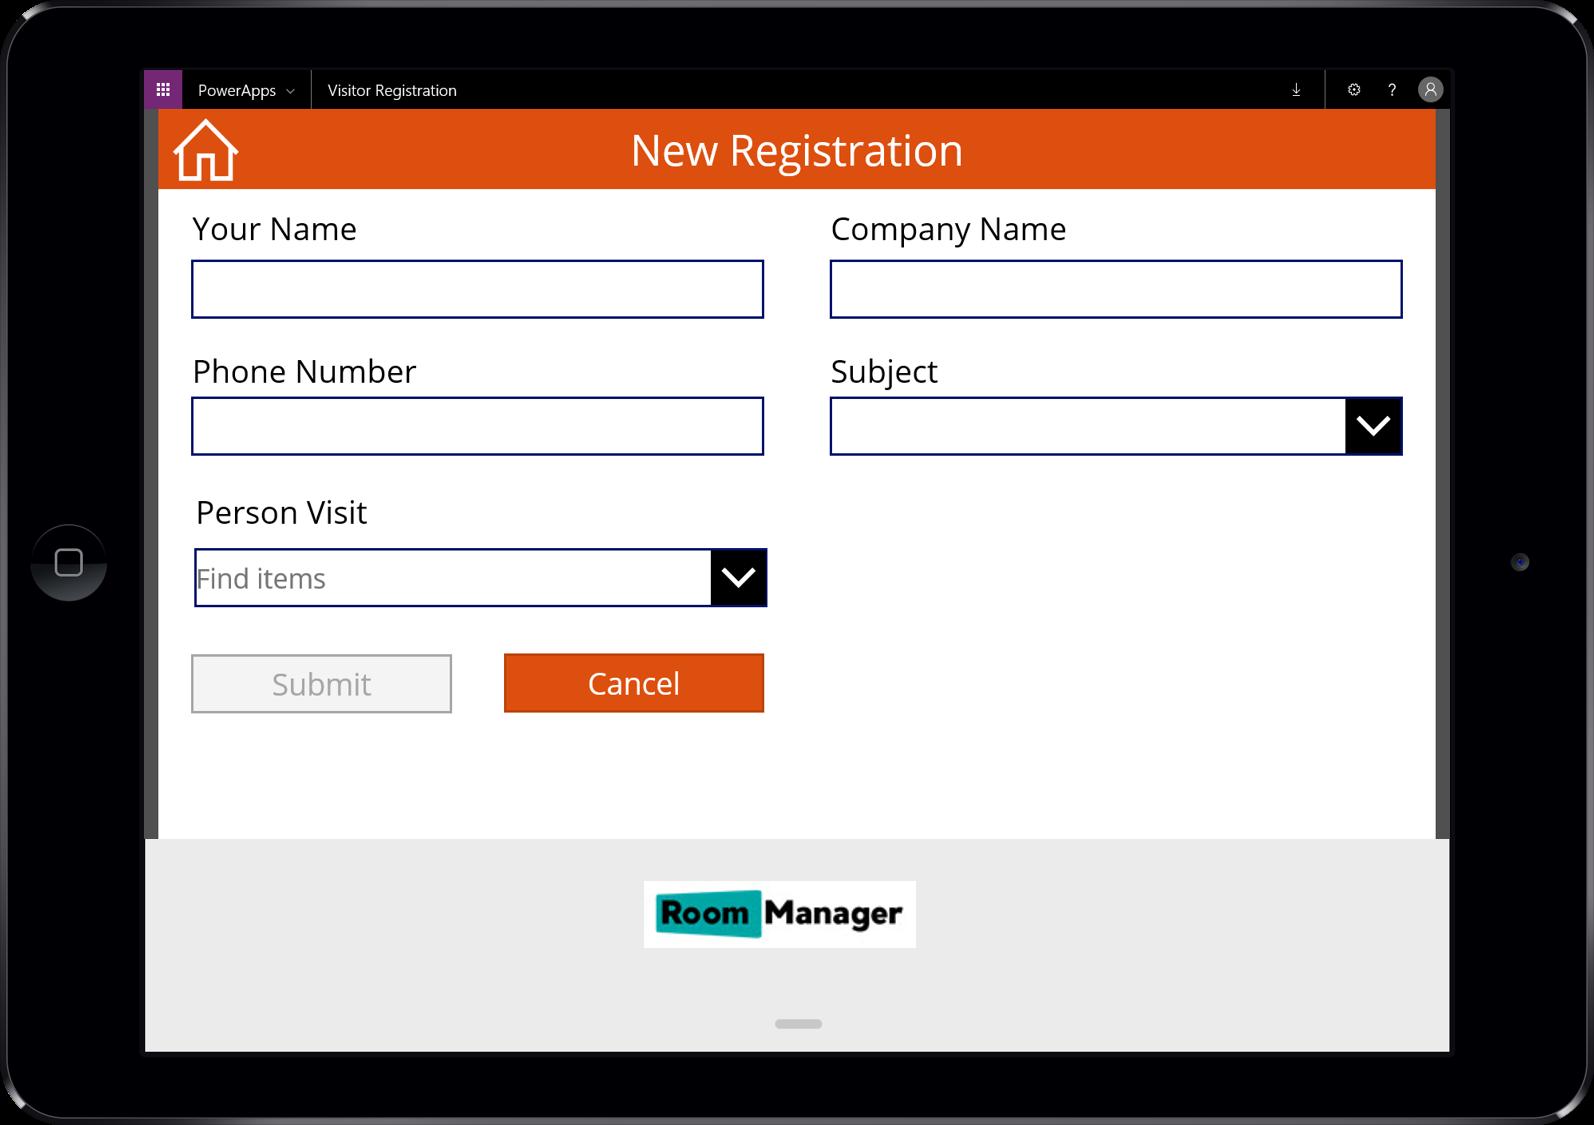 Visitor Registration App for Office 365   Room Manager